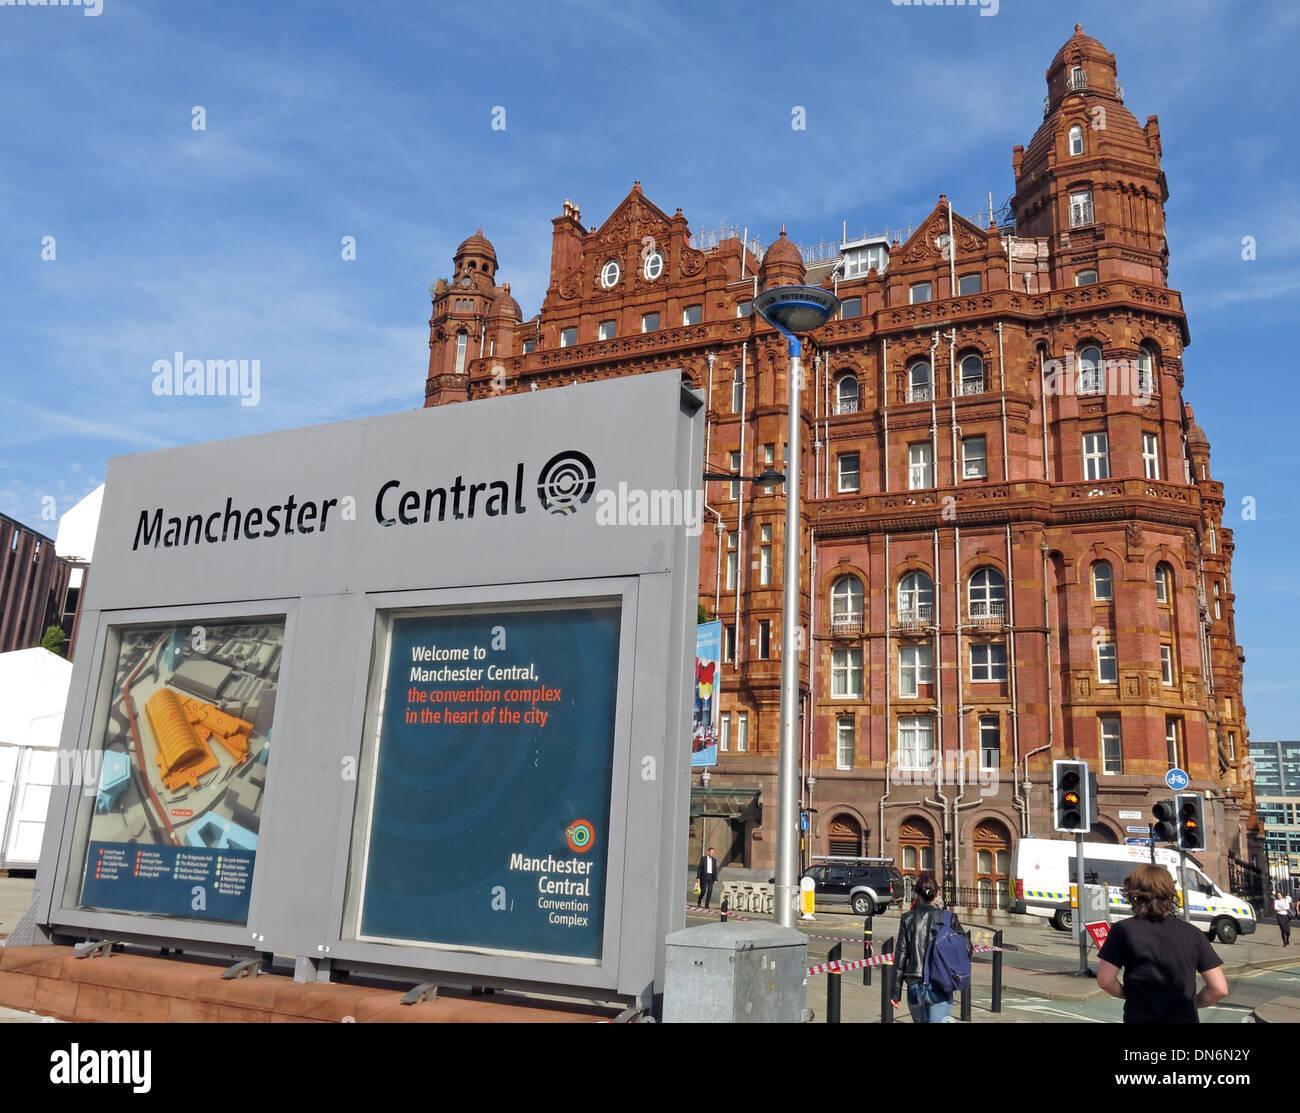 Laden Sie dieses Alamy Stockfoto Midland Hotel Manchester, Fußgänger und Manchester Central Conference Centre zu signieren, England, UK - DN6N2Y